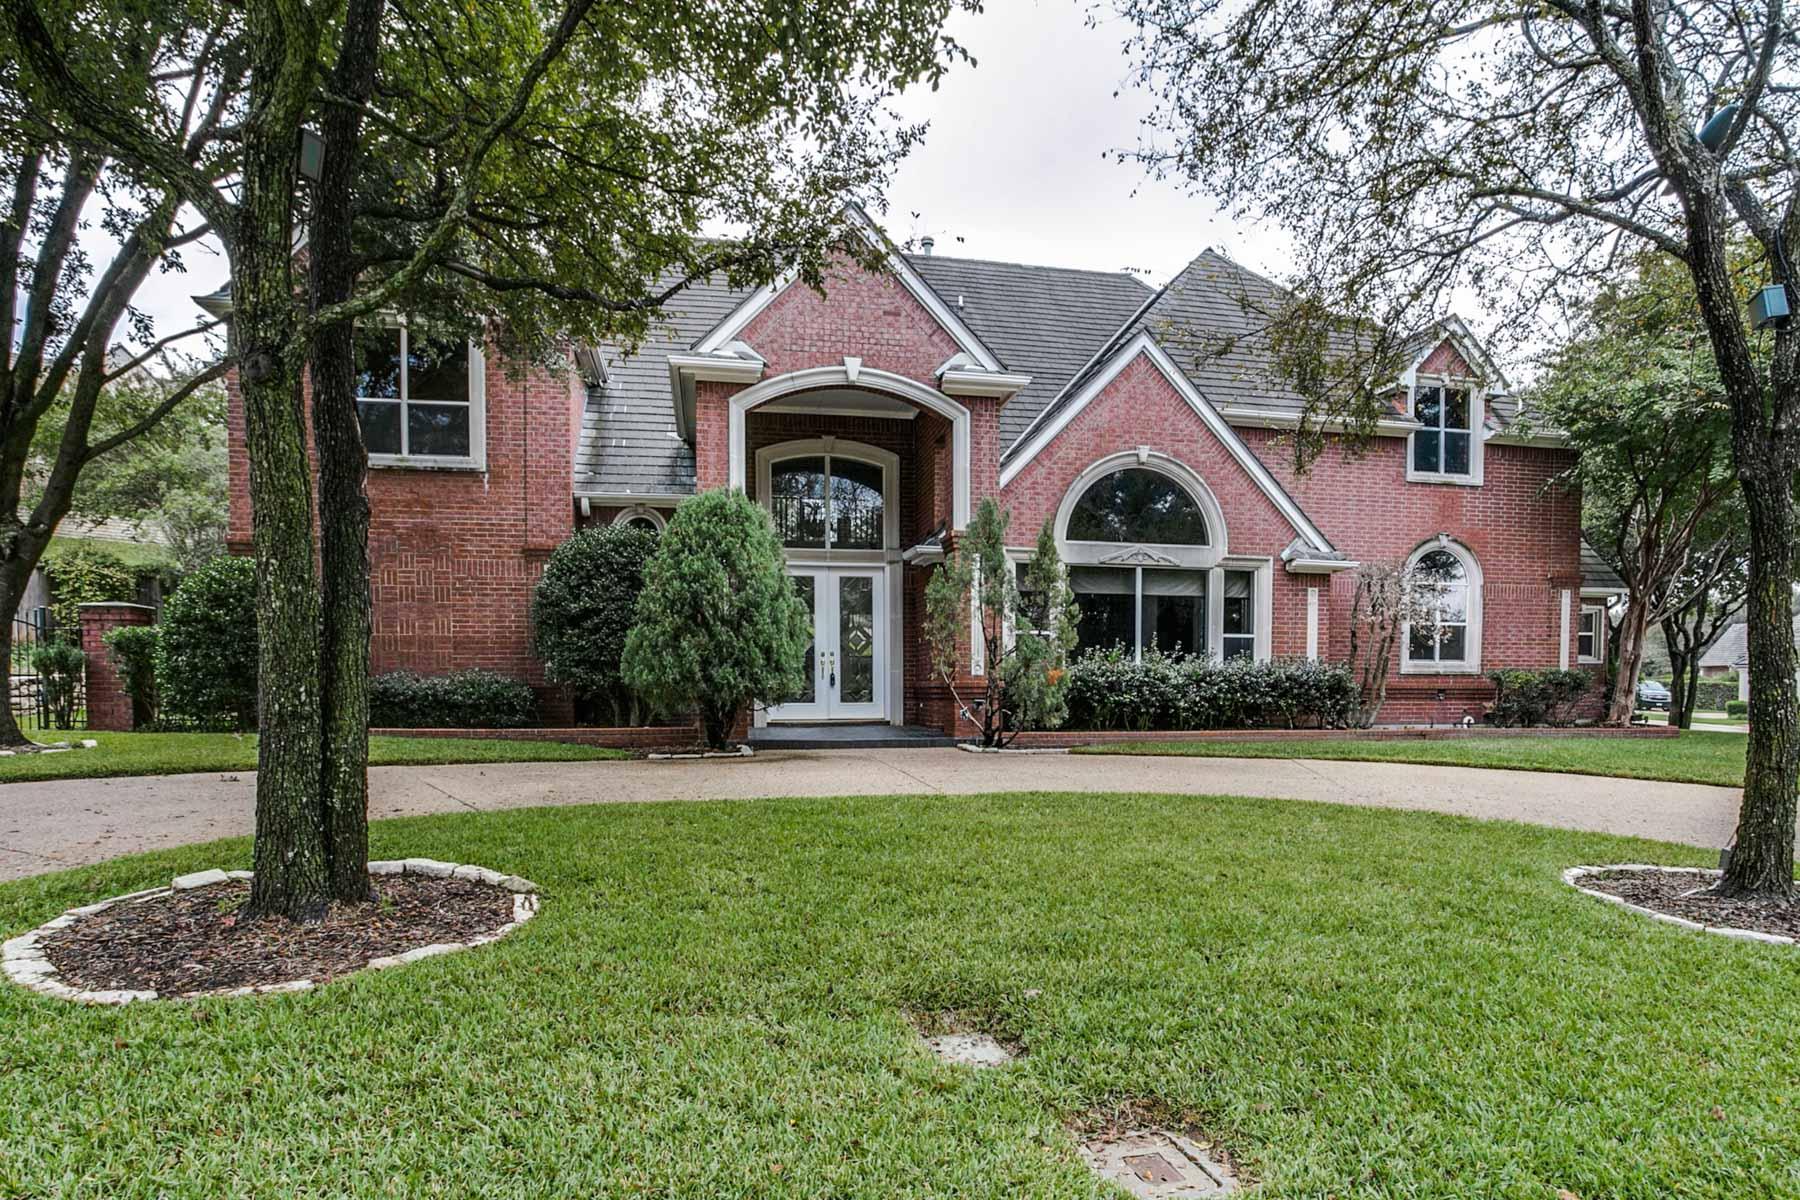 一戸建て のために 売買 アット 7029 Saucon Valley Drive, Fort Worth Fort Worth, テキサス, 76132 アメリカ合衆国